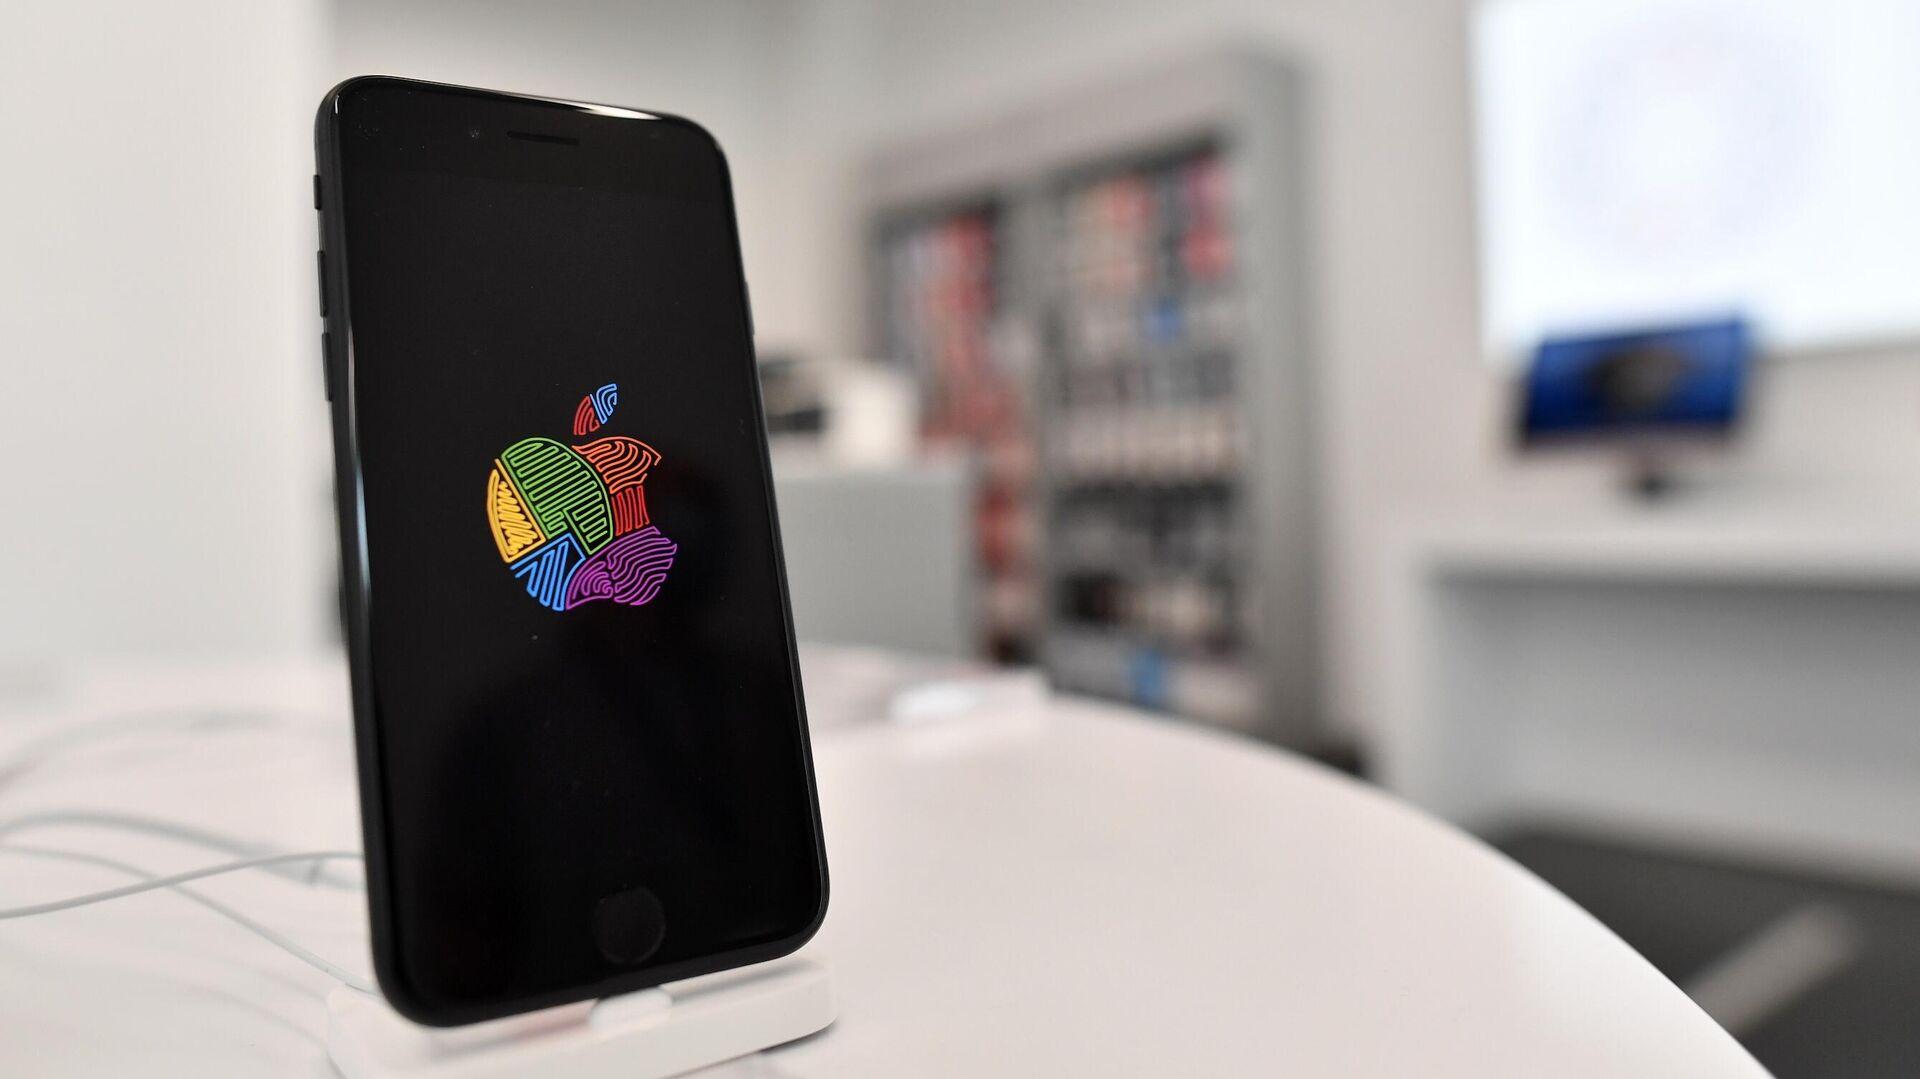 Новый смартфон компании Apple iPhone SE 2020 в магазине Cstore в Москве - РИА Новости, 1920, 20.07.2021